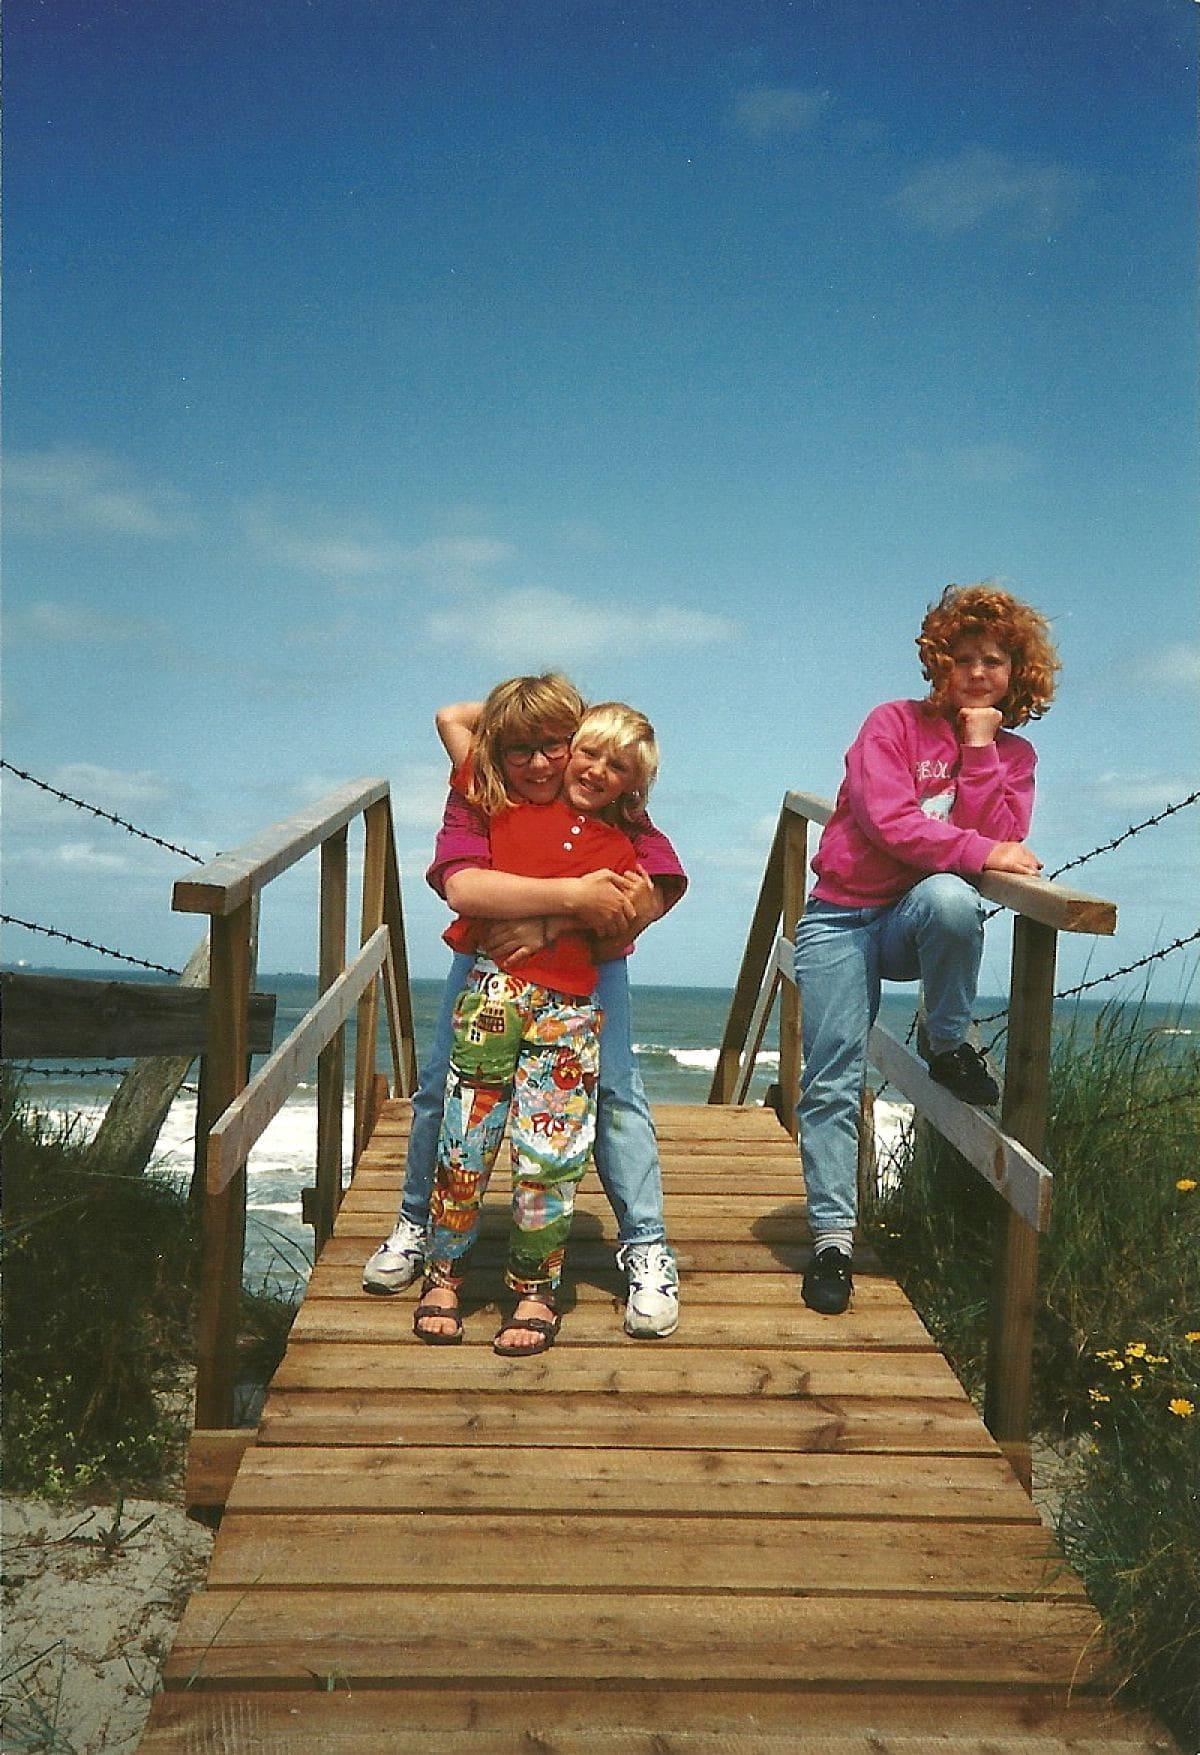 Junggesellinnenabschied_Reise Wangerooge_am Strand_die Sonne scheint_Kindheit_Familienbild